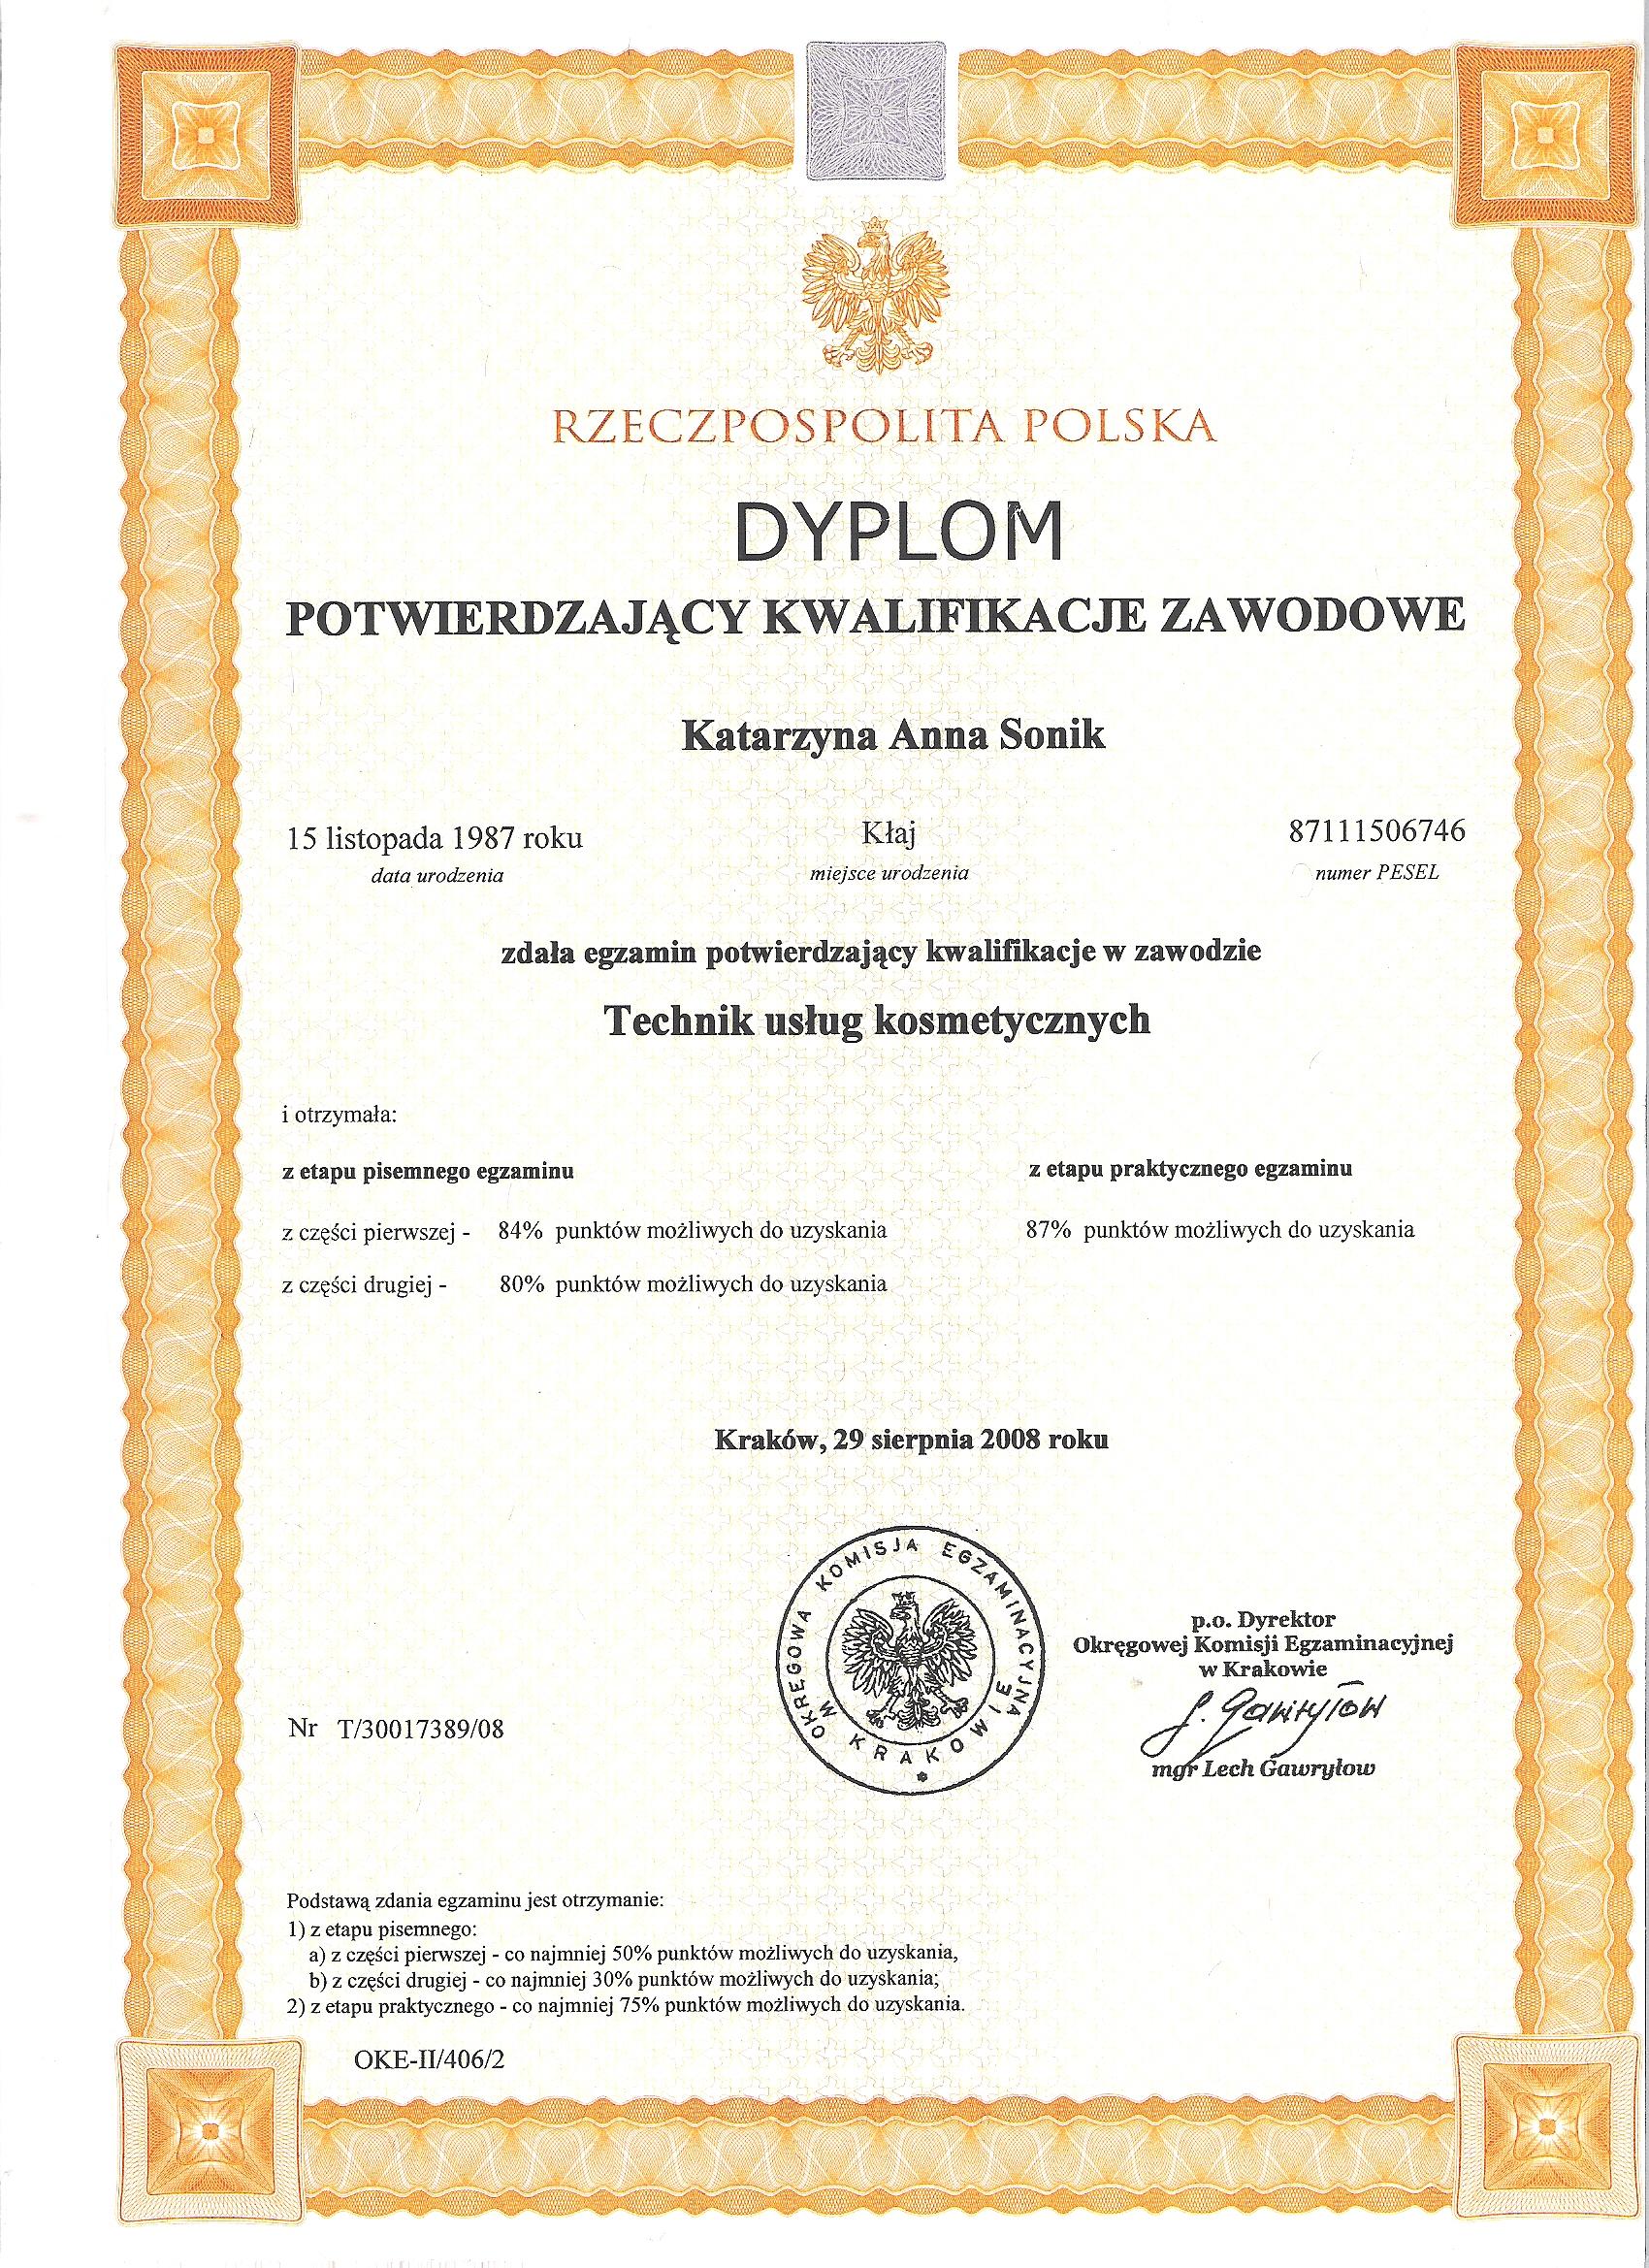 certyfikat uslug kosmetycznych